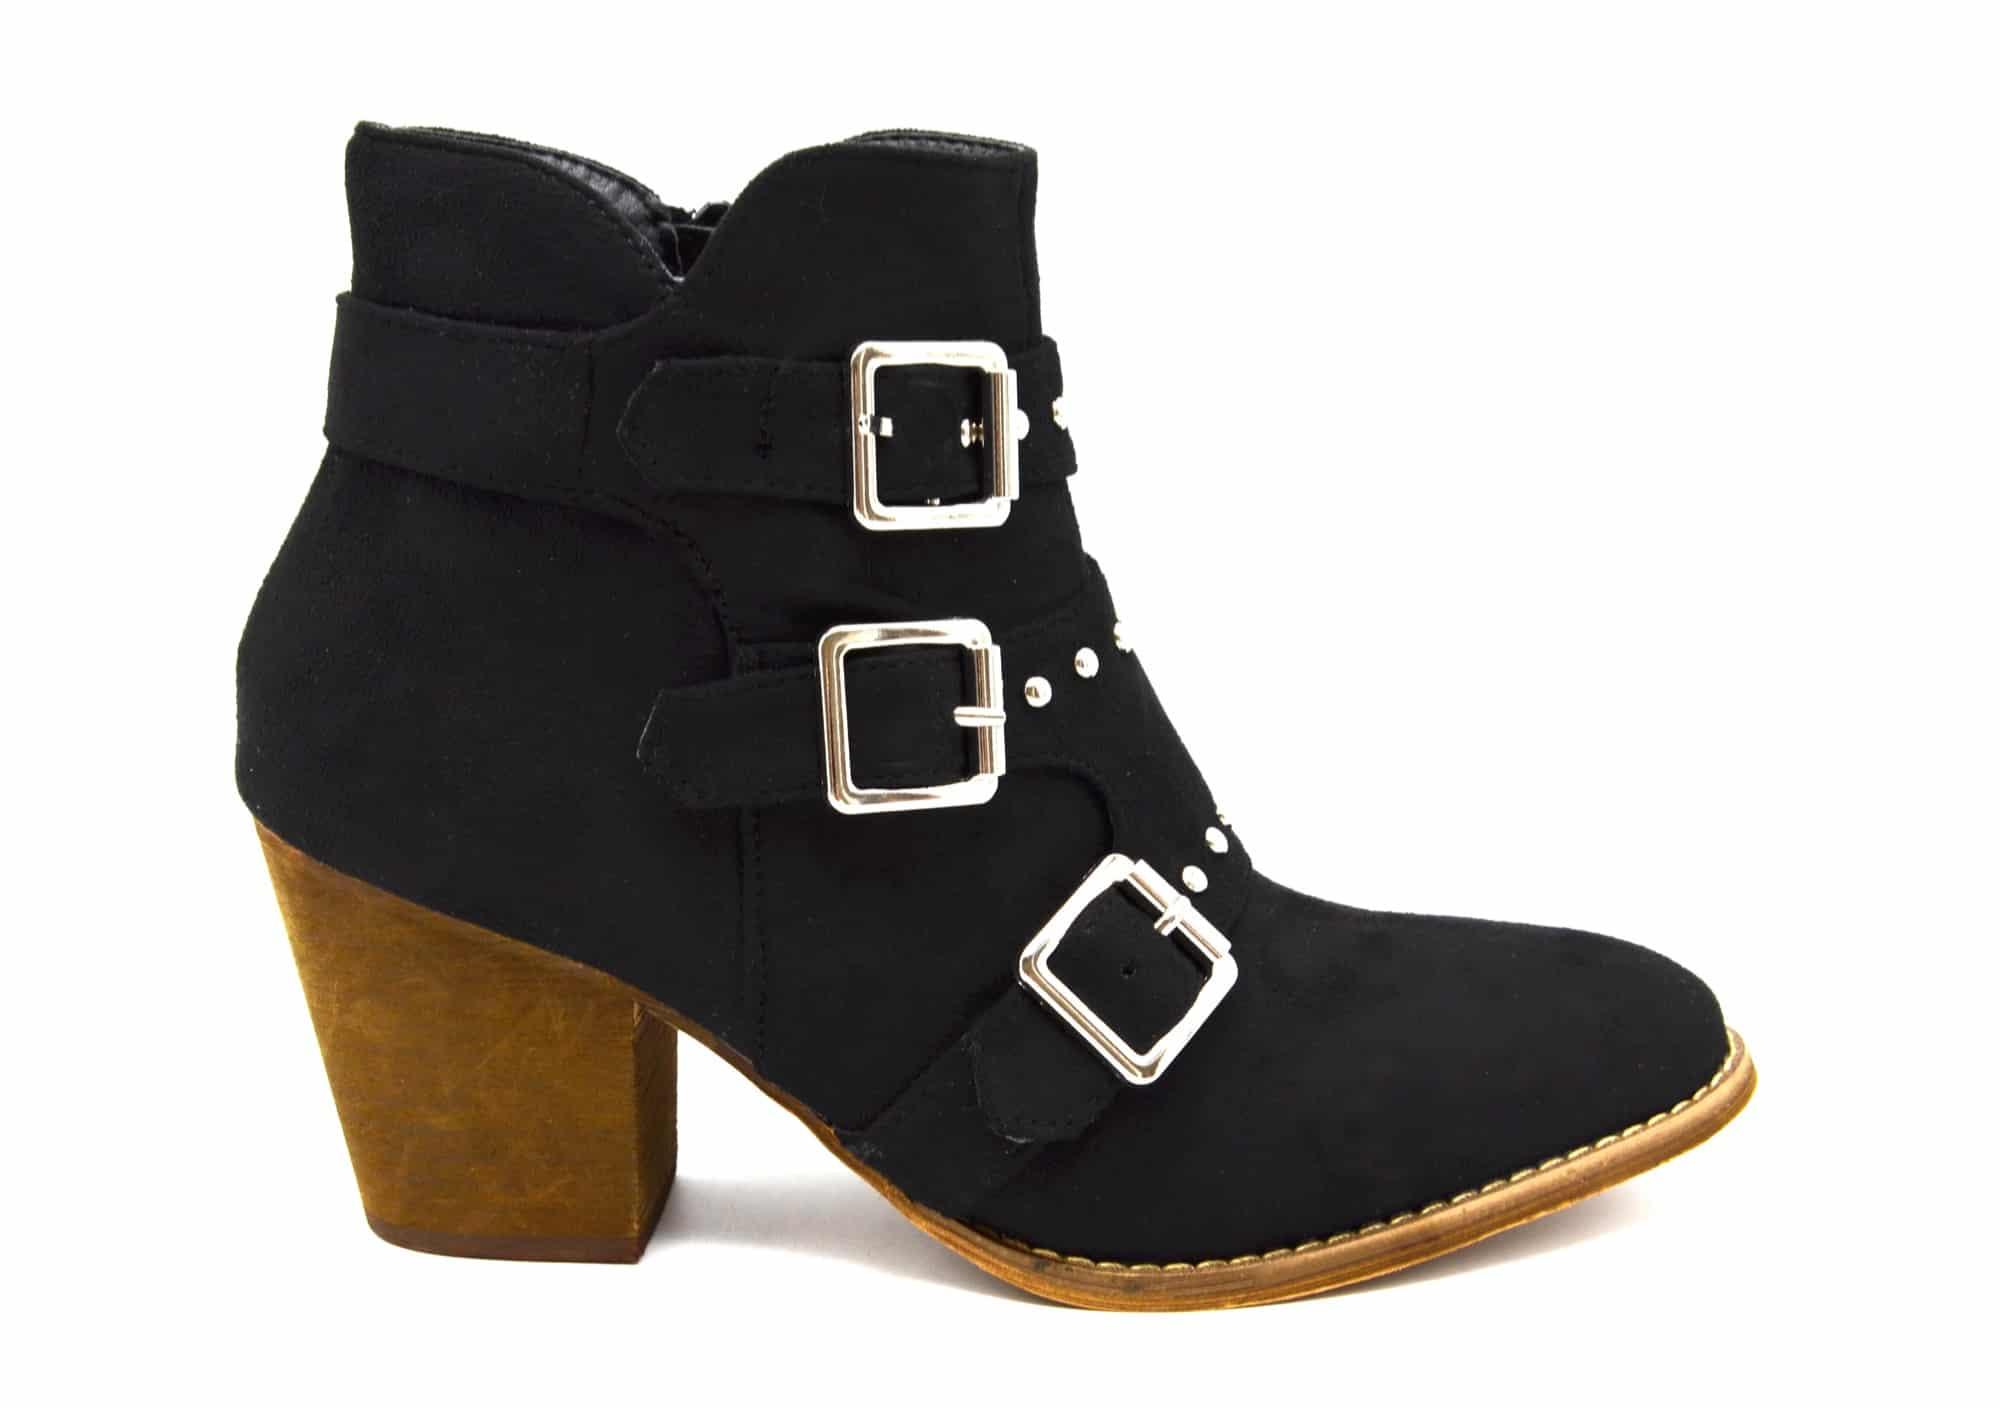 101891b087fa62 SHF97 * Bottines Boots Effet Daim avec Petit Talon et Triple Boucles  Cloutées Argenté (Noir)